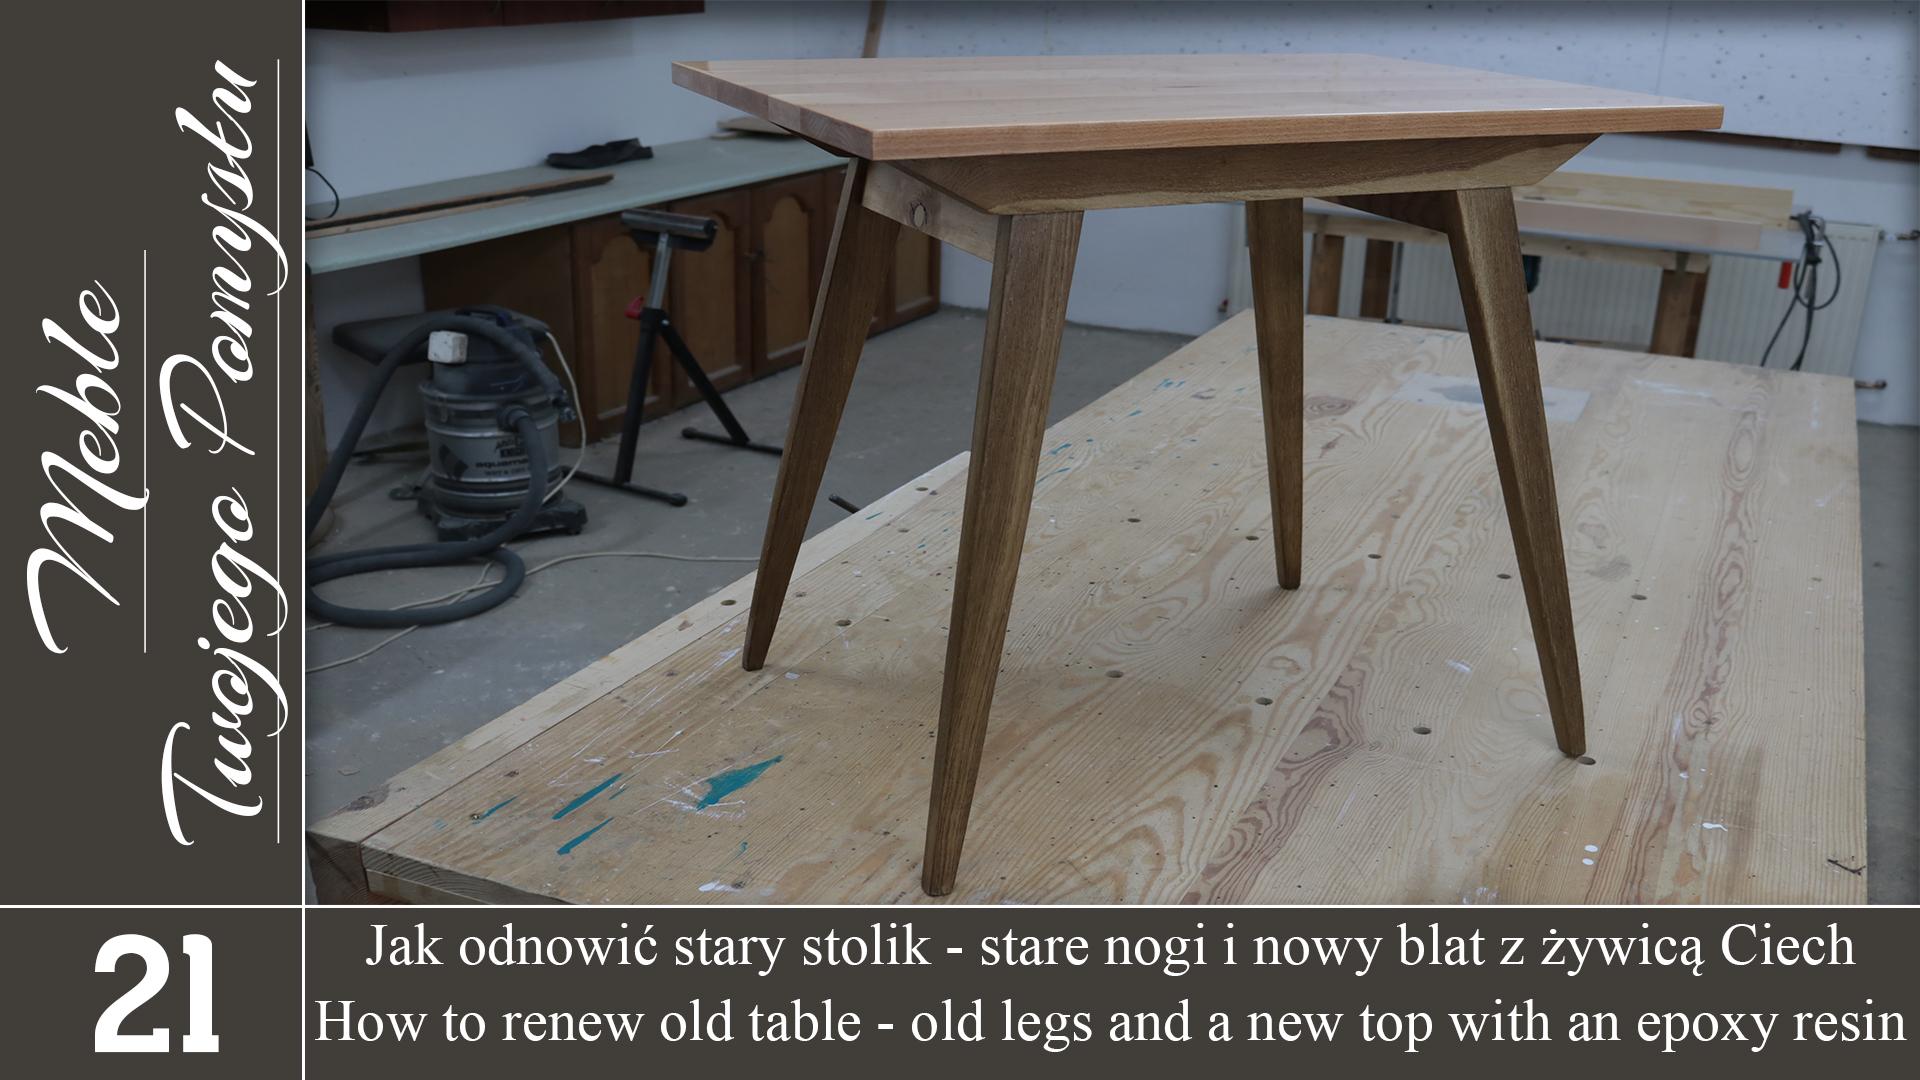 Jak Odnowić Stary Stolik Stare Nogi I Nowy Blat Z żywicą